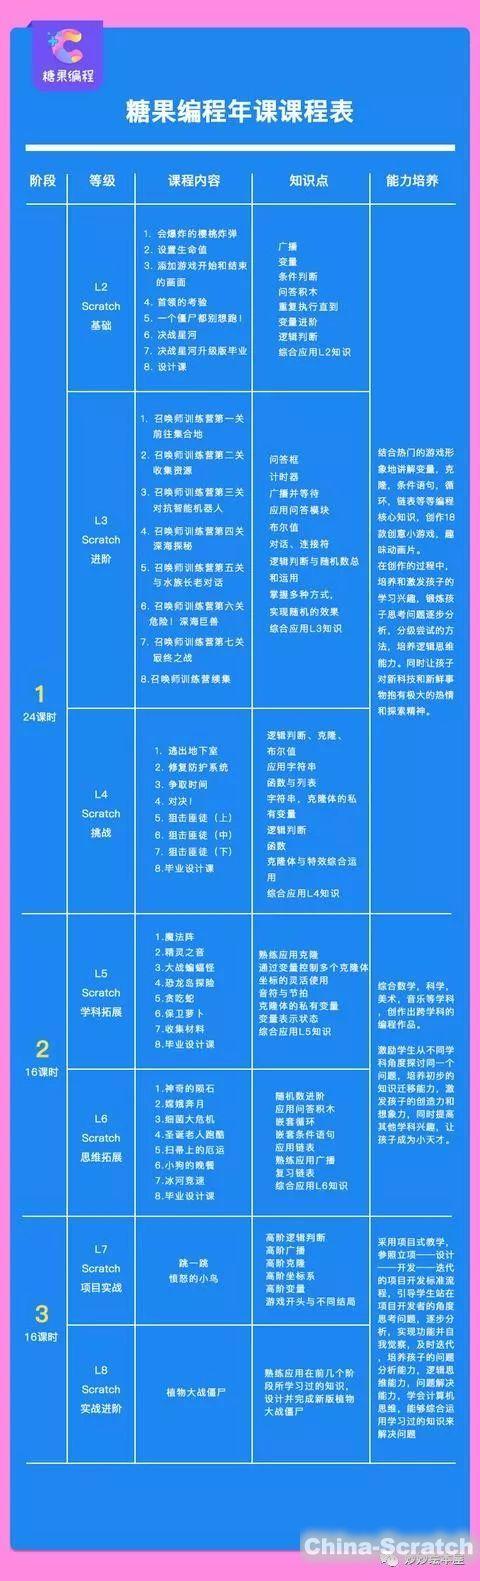 https://www.china-scratch.com/Uploads/timg/190813/132ZW942-10.jpg